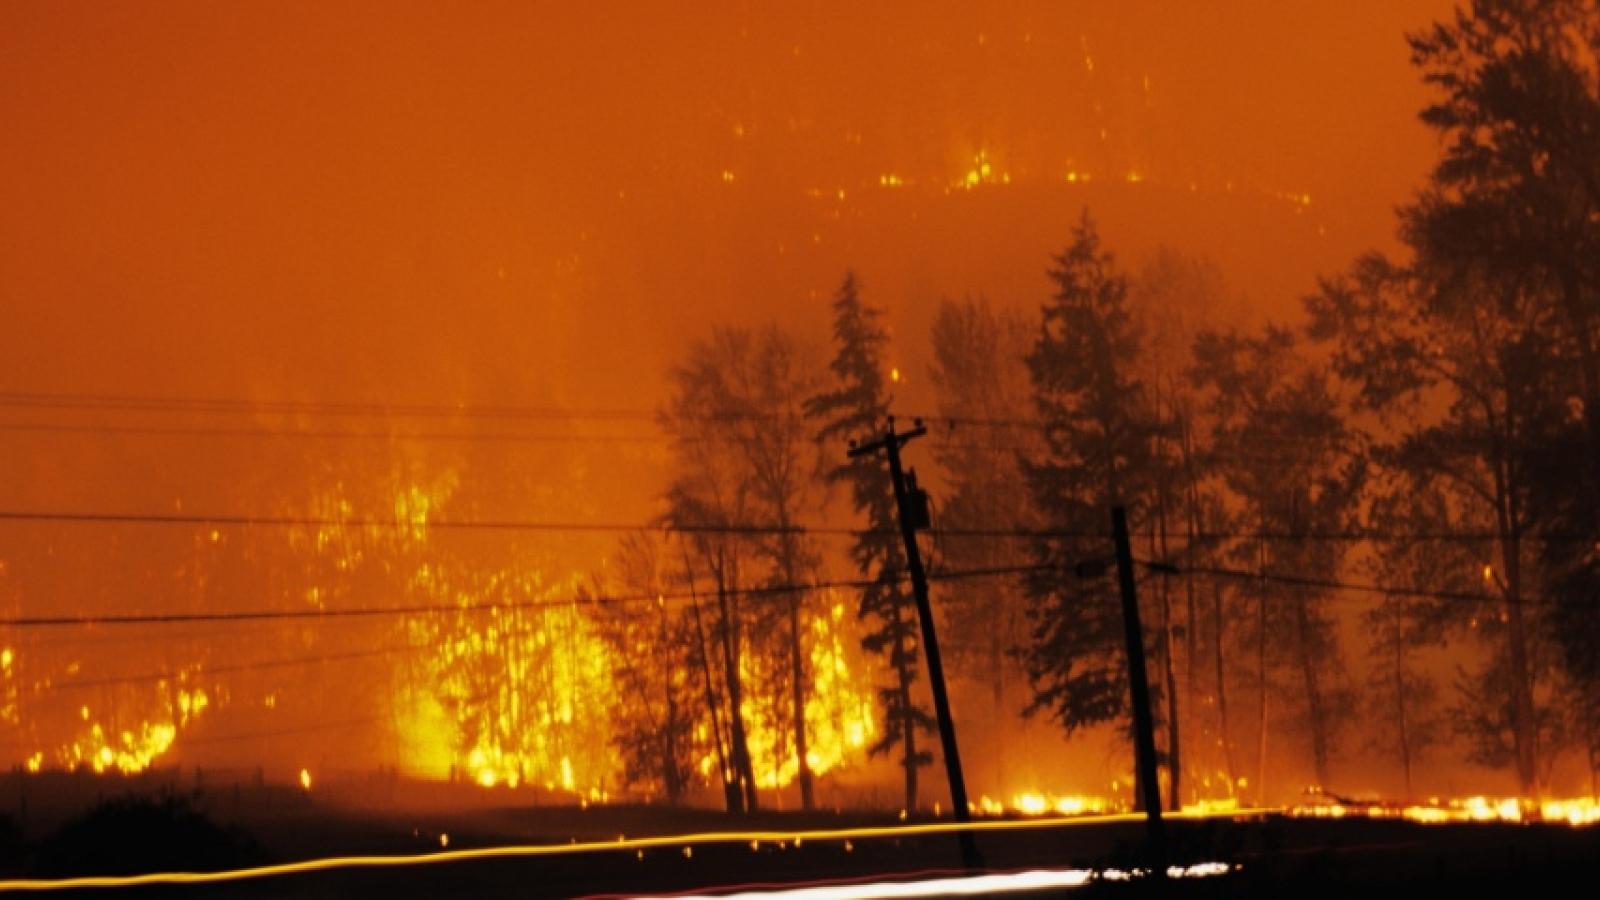 Nắng nóng, cháy rừng tại Mỹ và Canada: Hậu quả rõ ràng của biến đổi khí hậu